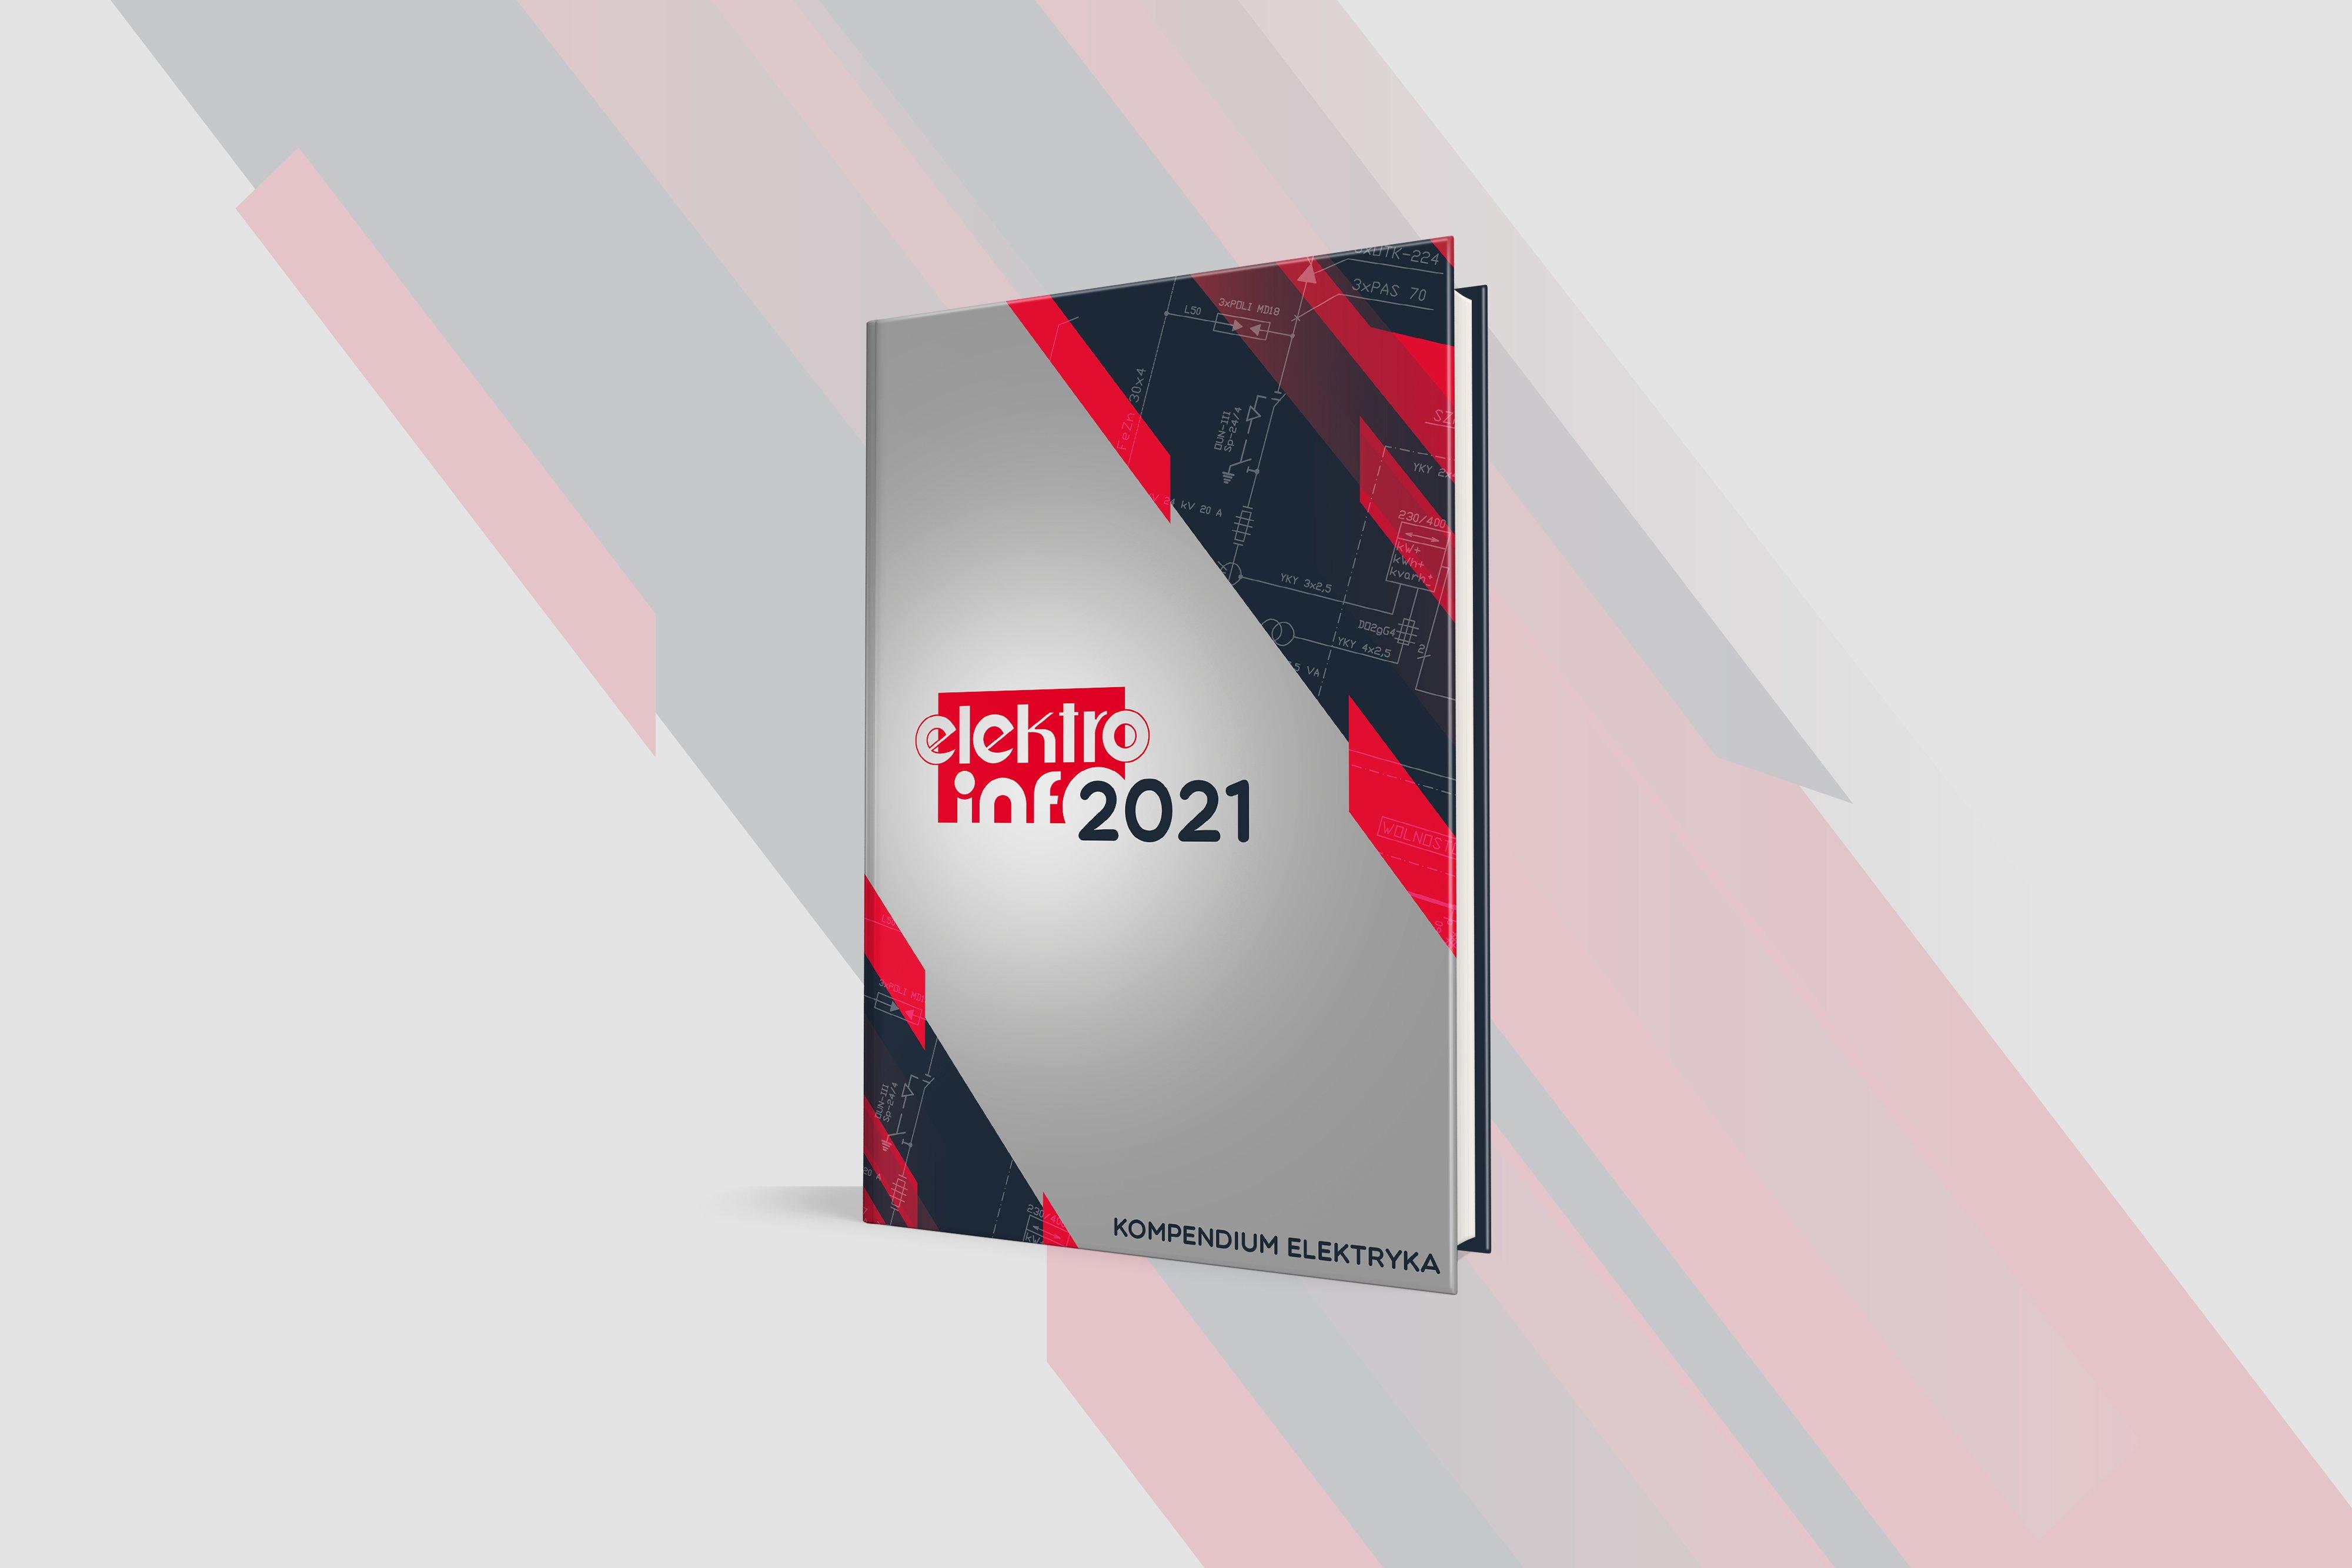 Kompendium Elektryka 2021